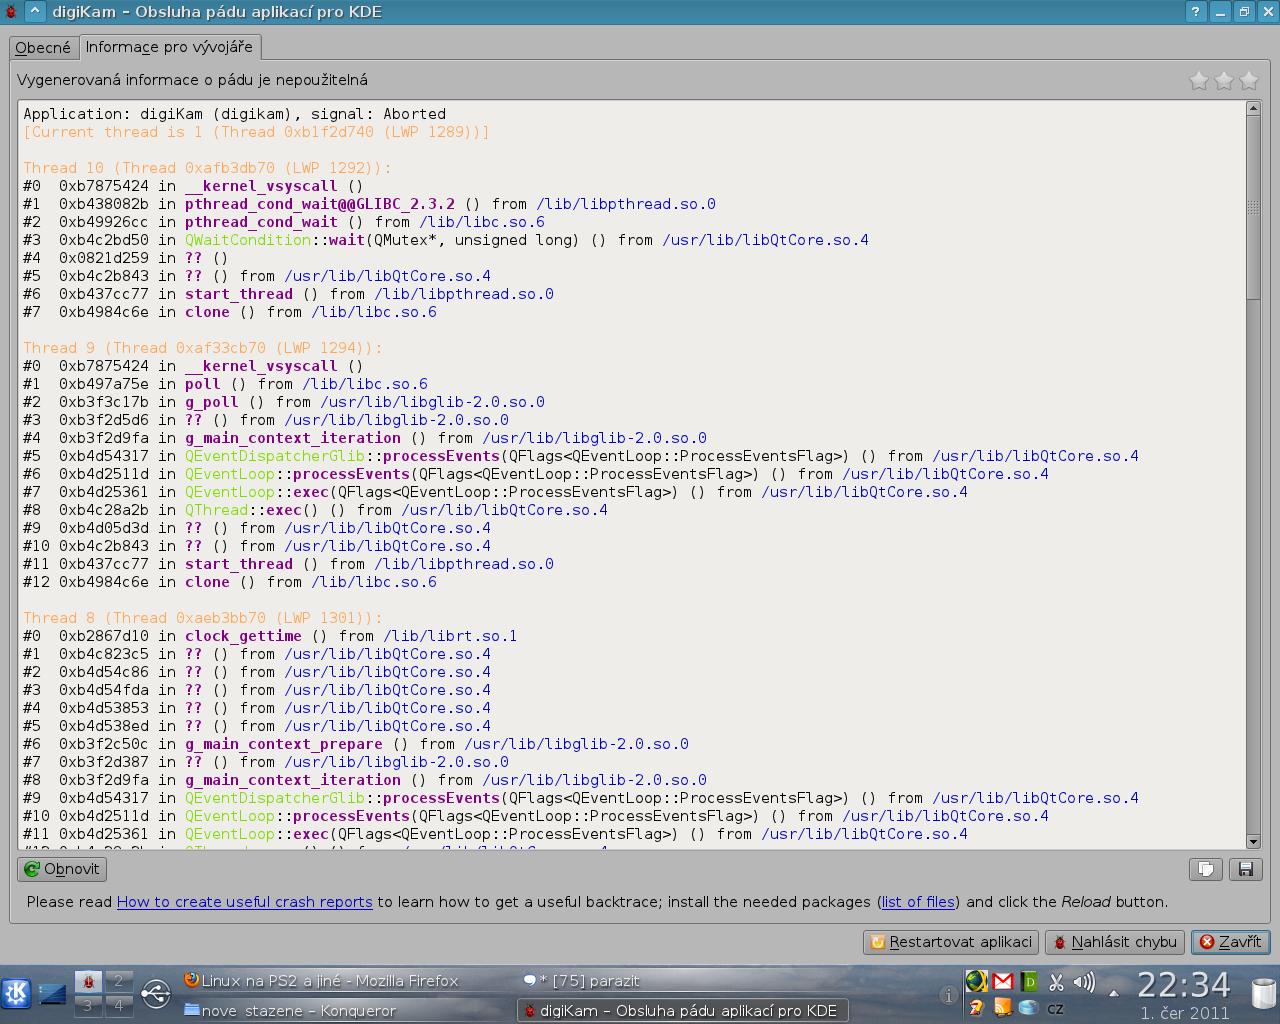 Naps2 Linux